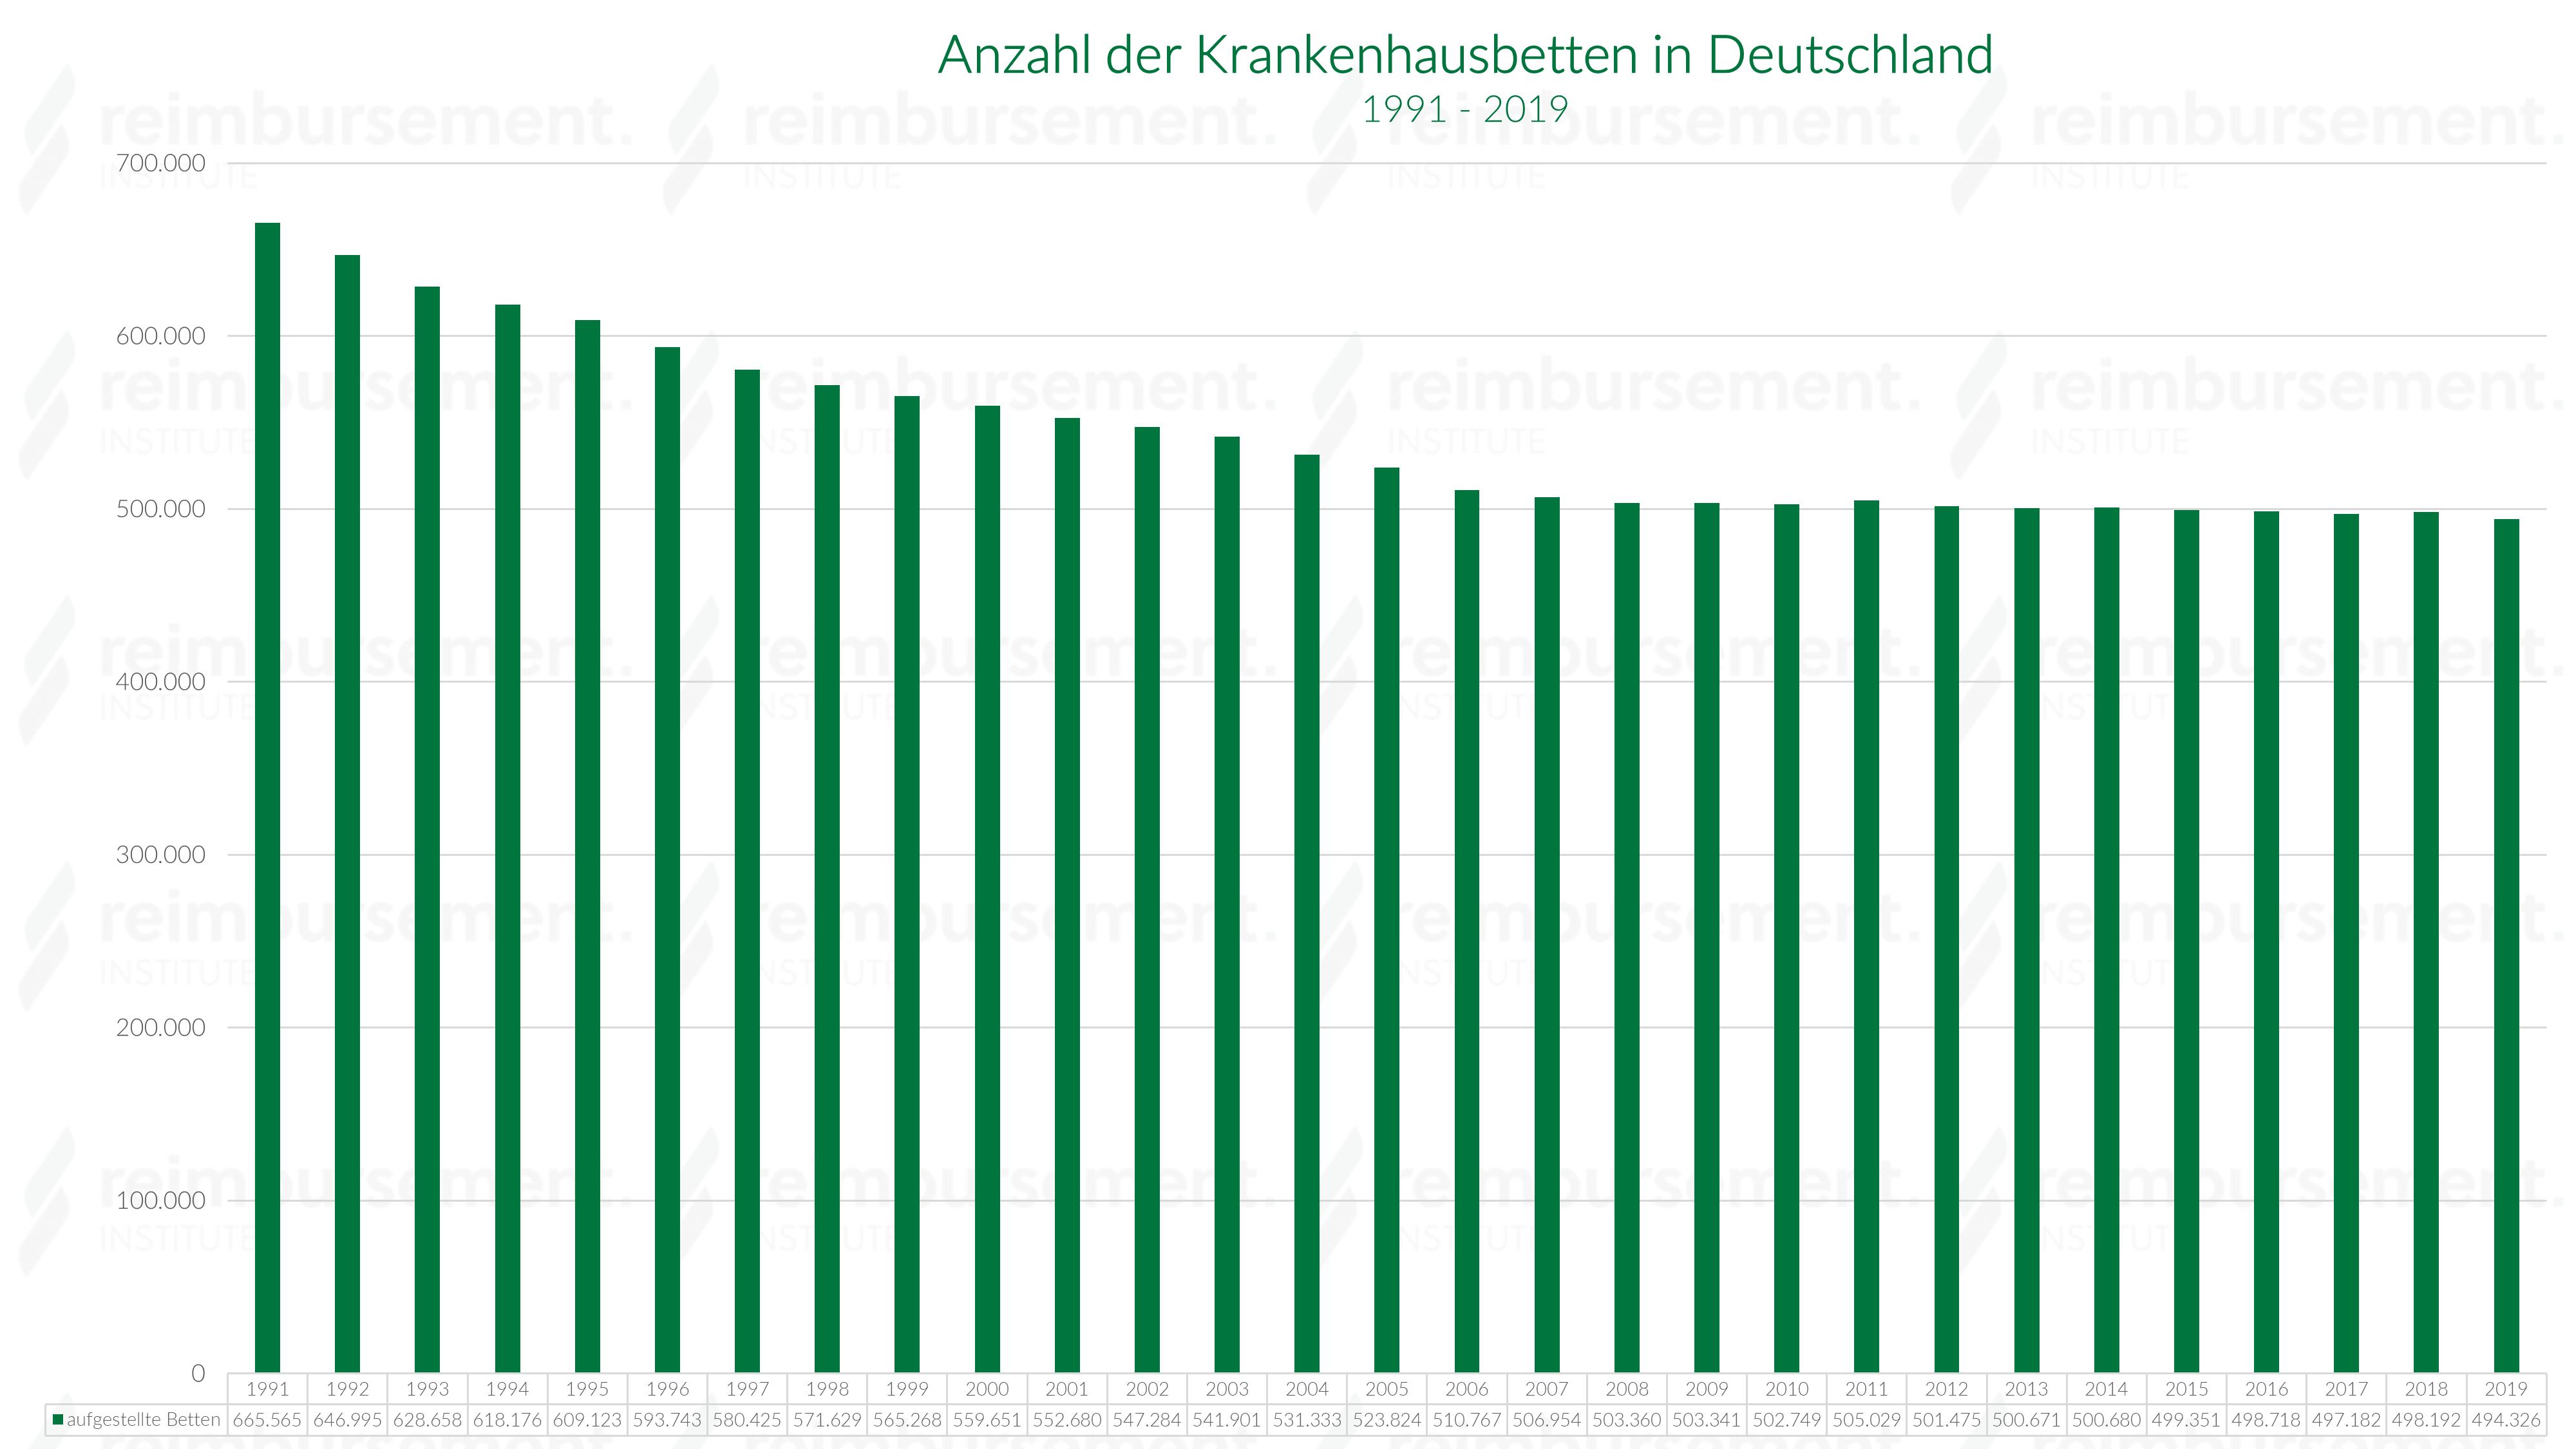 Krankenhausbettenanzahl im Jahresverlauf - 1991 bis 2018